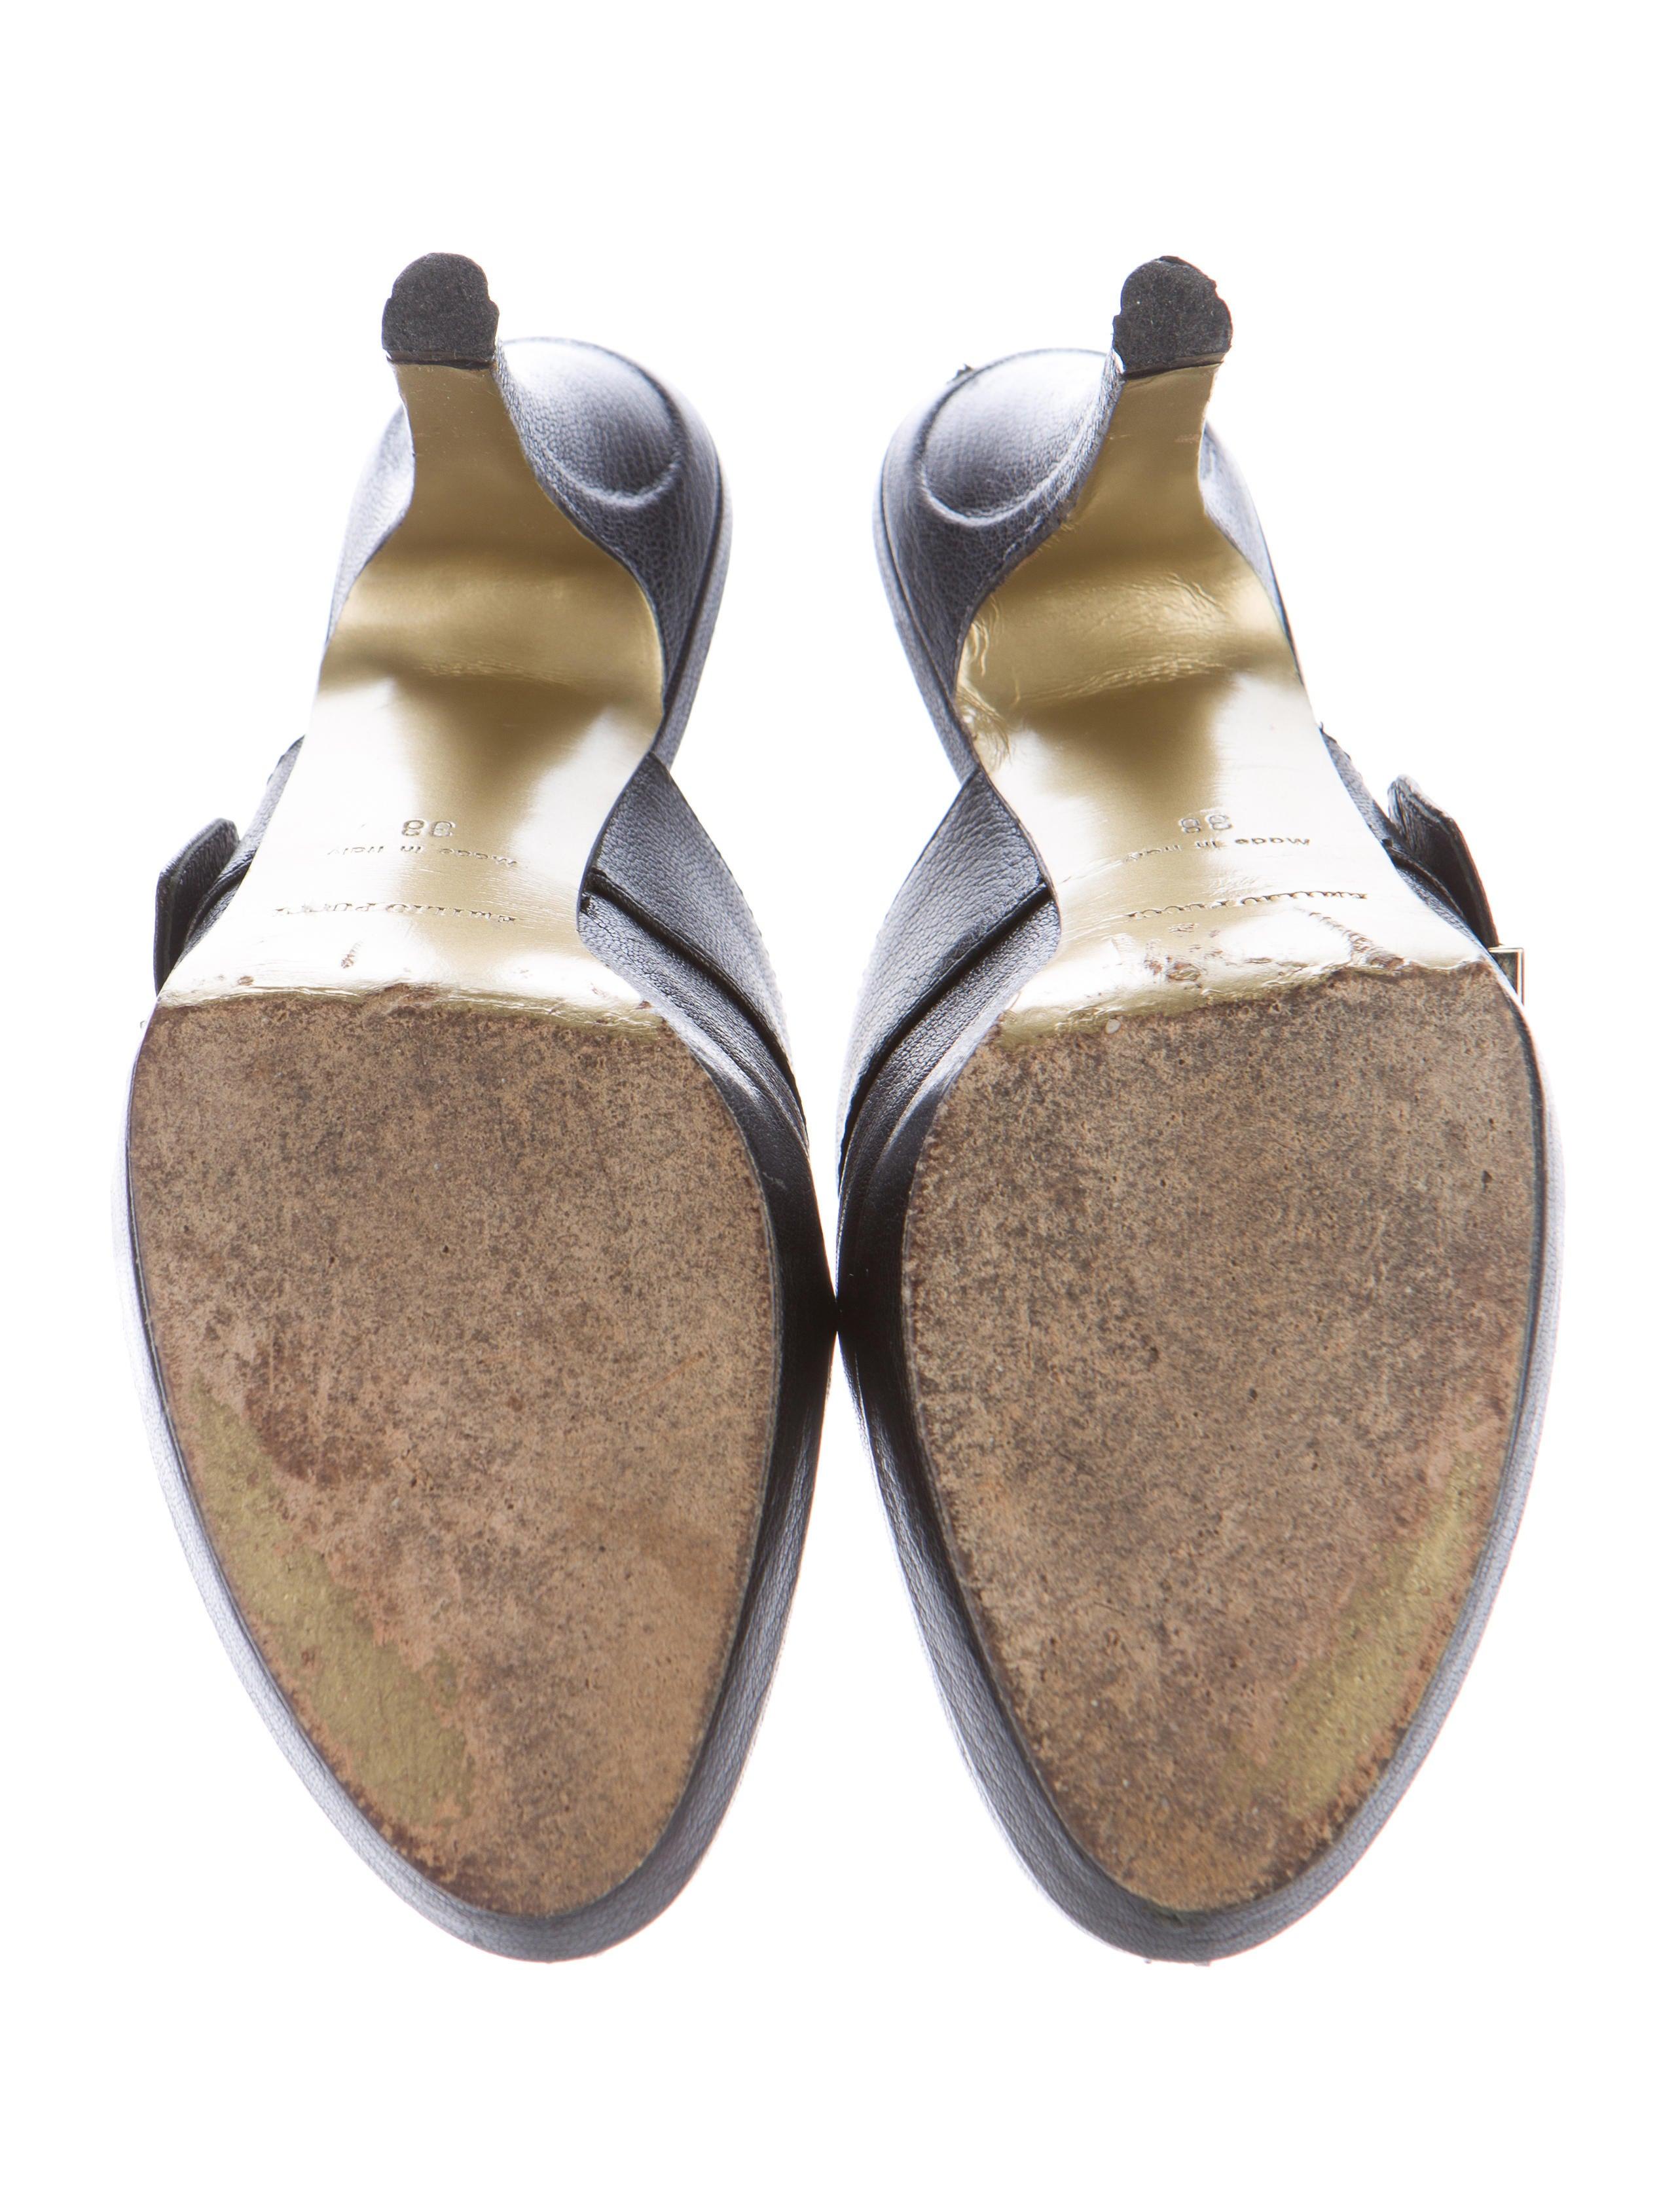 emilio pucci leather platform mules shoes emi35669